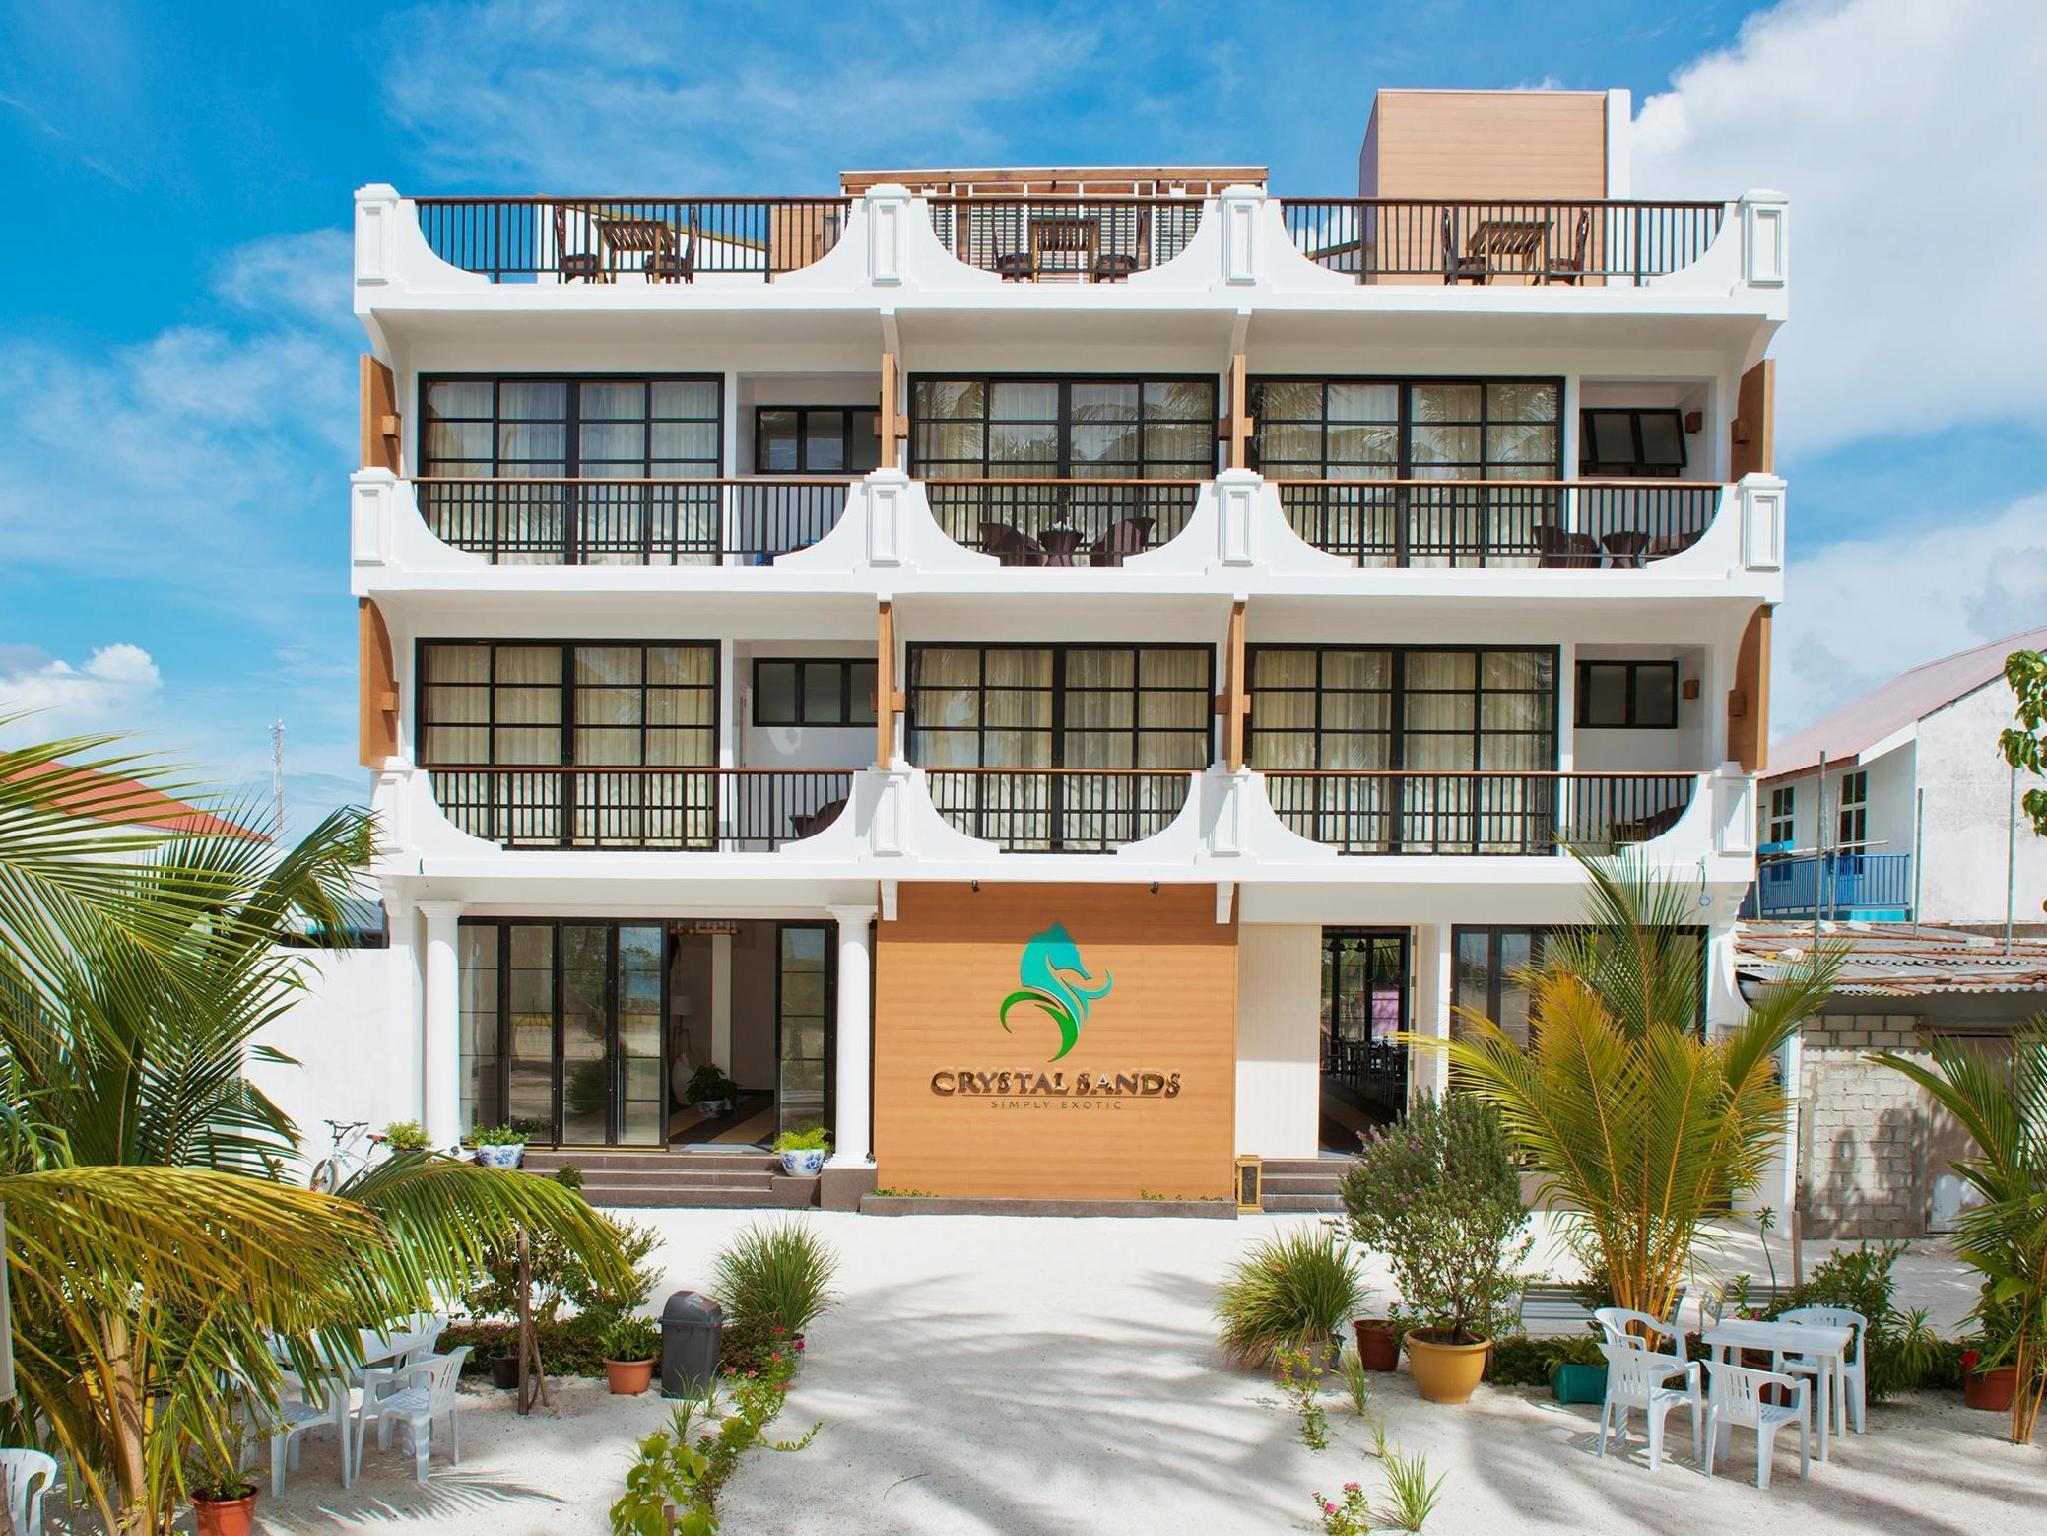 Crystal Sands Beach Hotel31